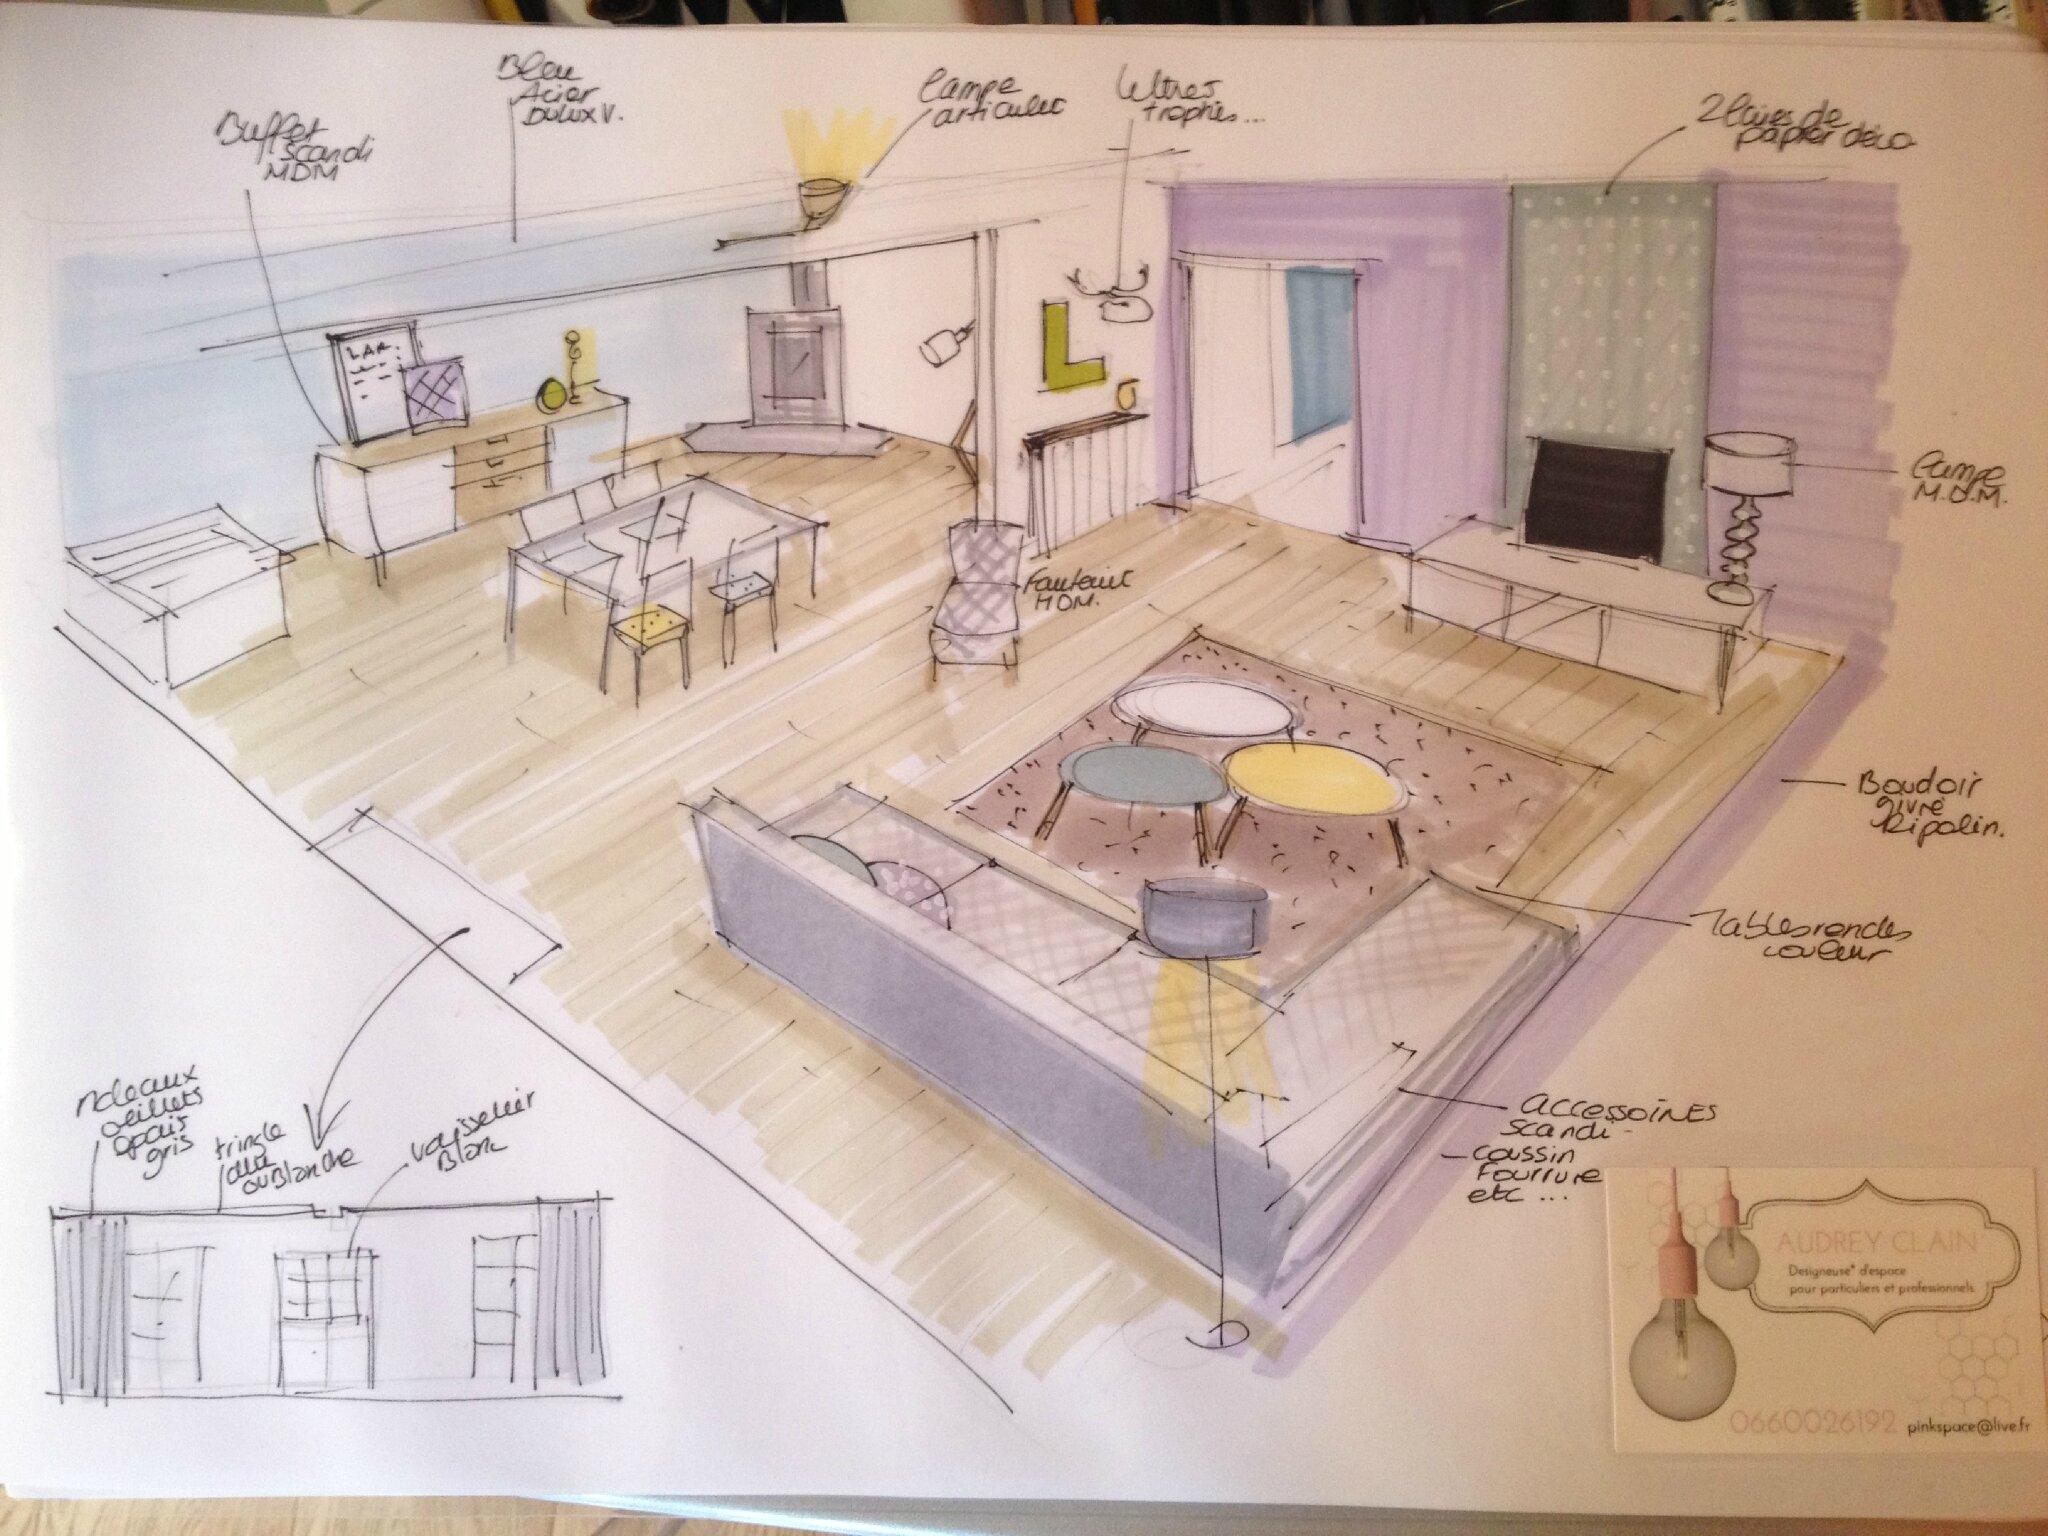 Amenagement De Salle A Manger aménagement salon / salle-à-manger - cesson (77) - pinkspace